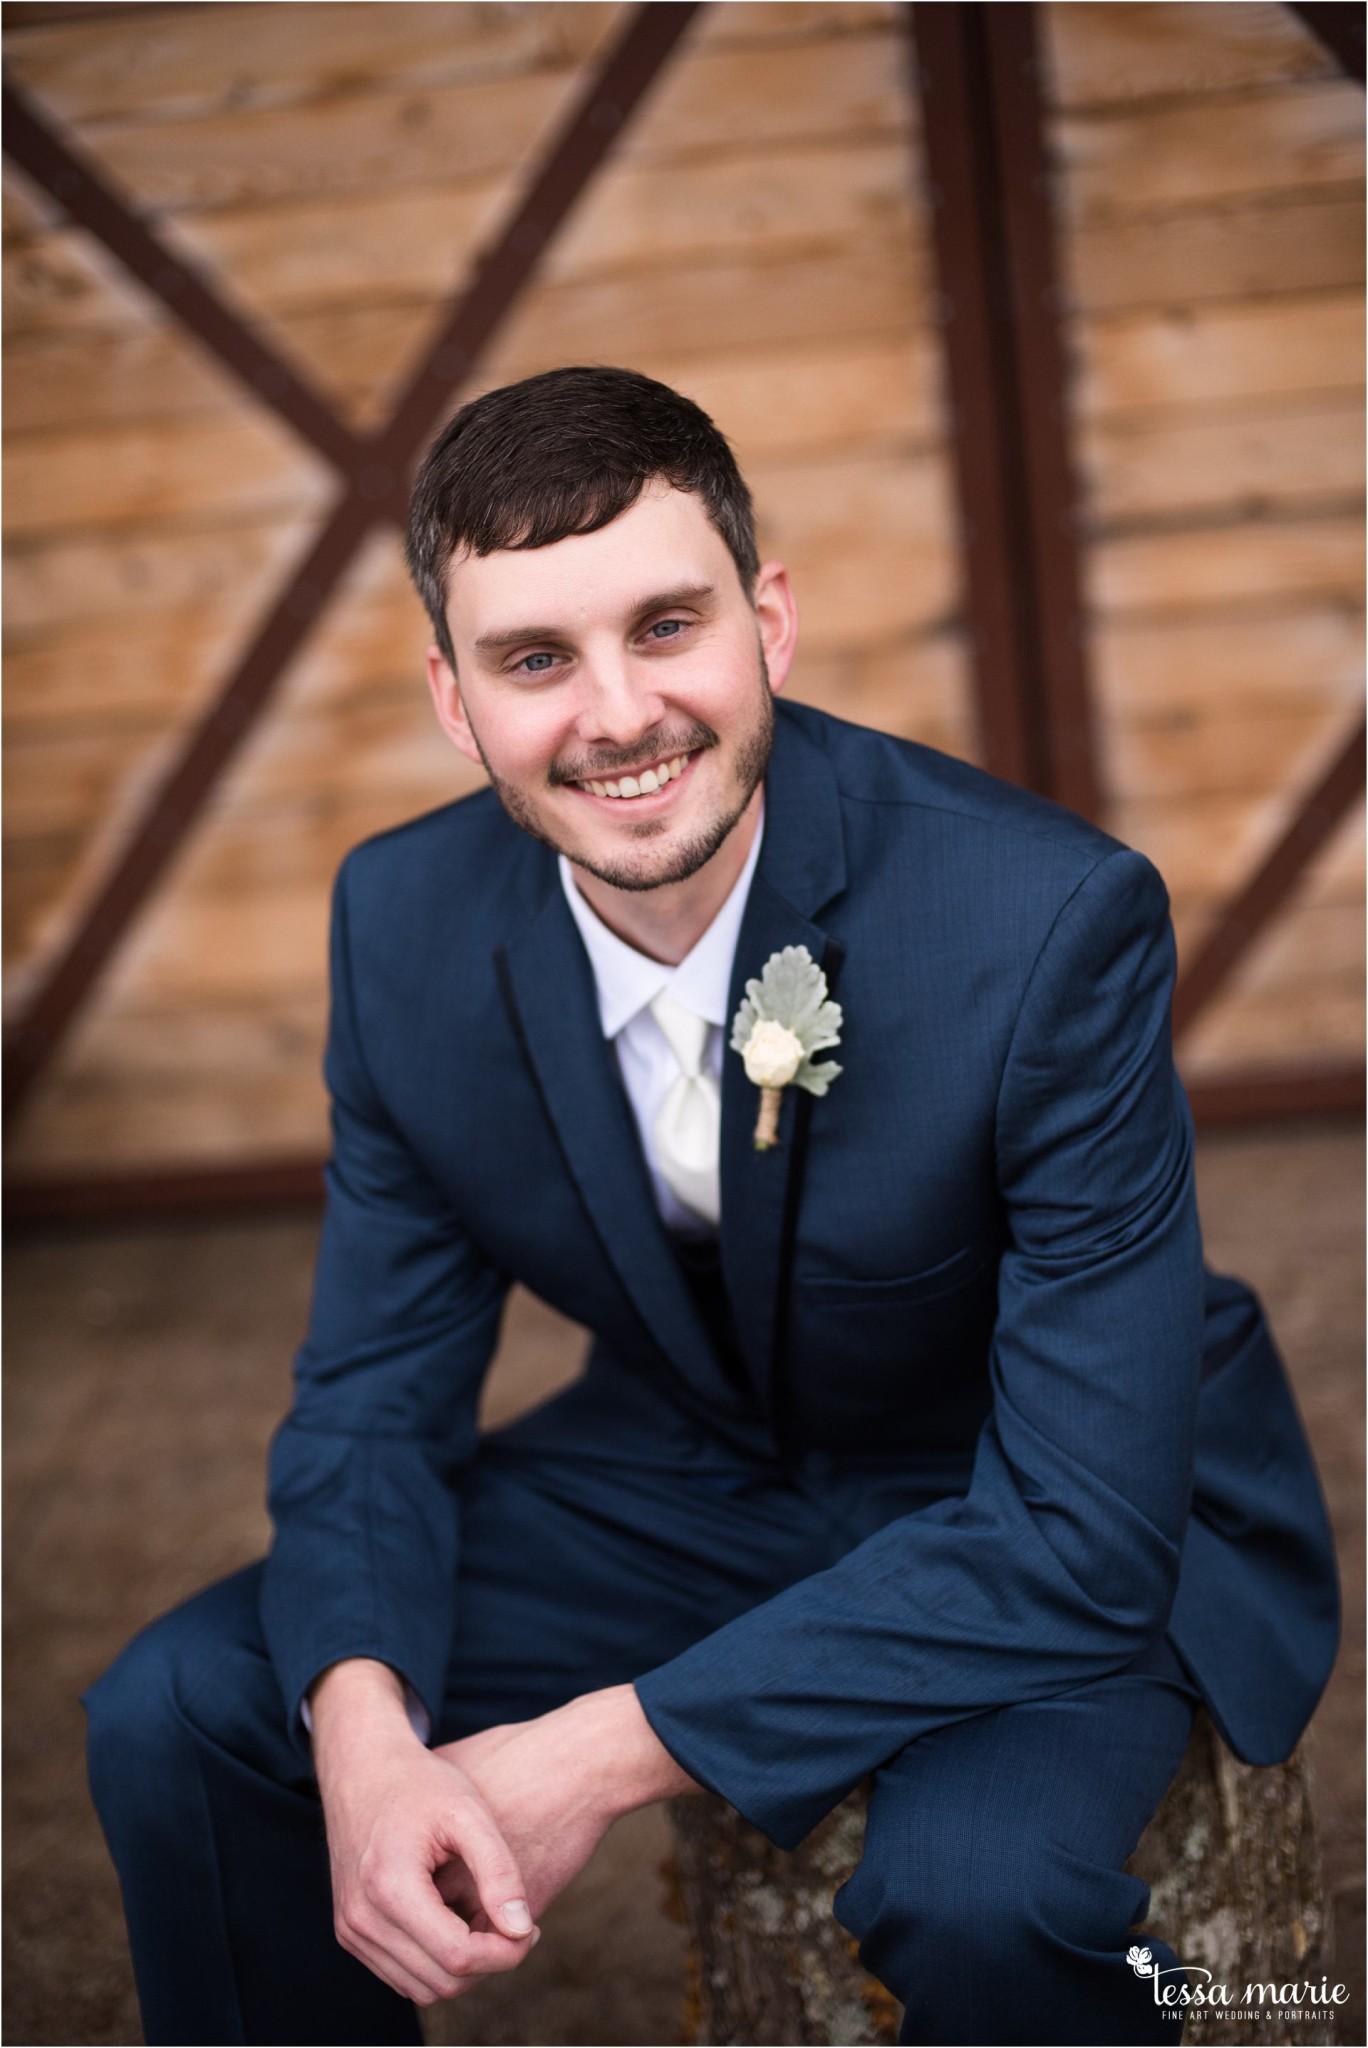 032216_brittany_kevin_wedding-87